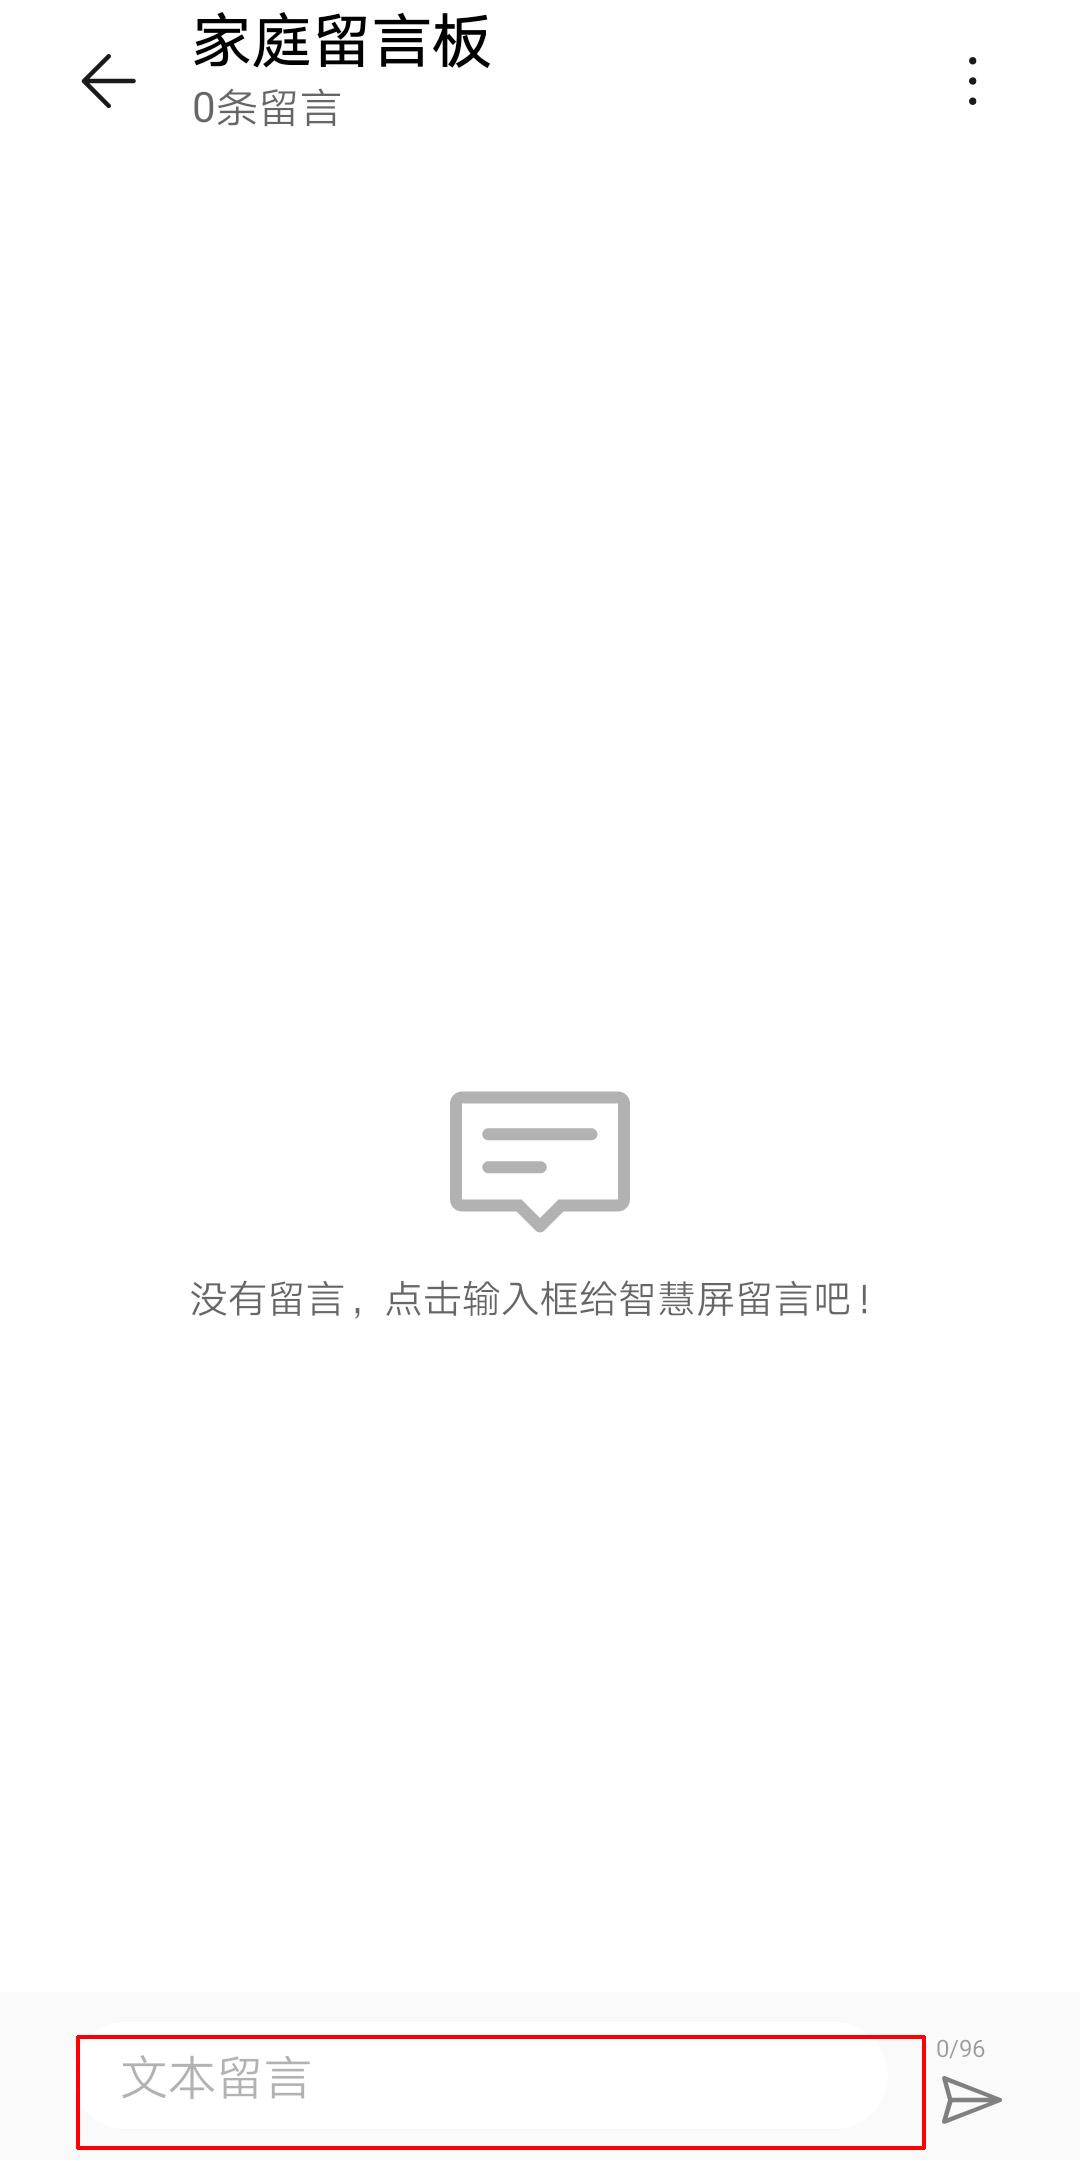 EMUI-ITMI社区-留言板怎么利用?超全攻略点击(4)